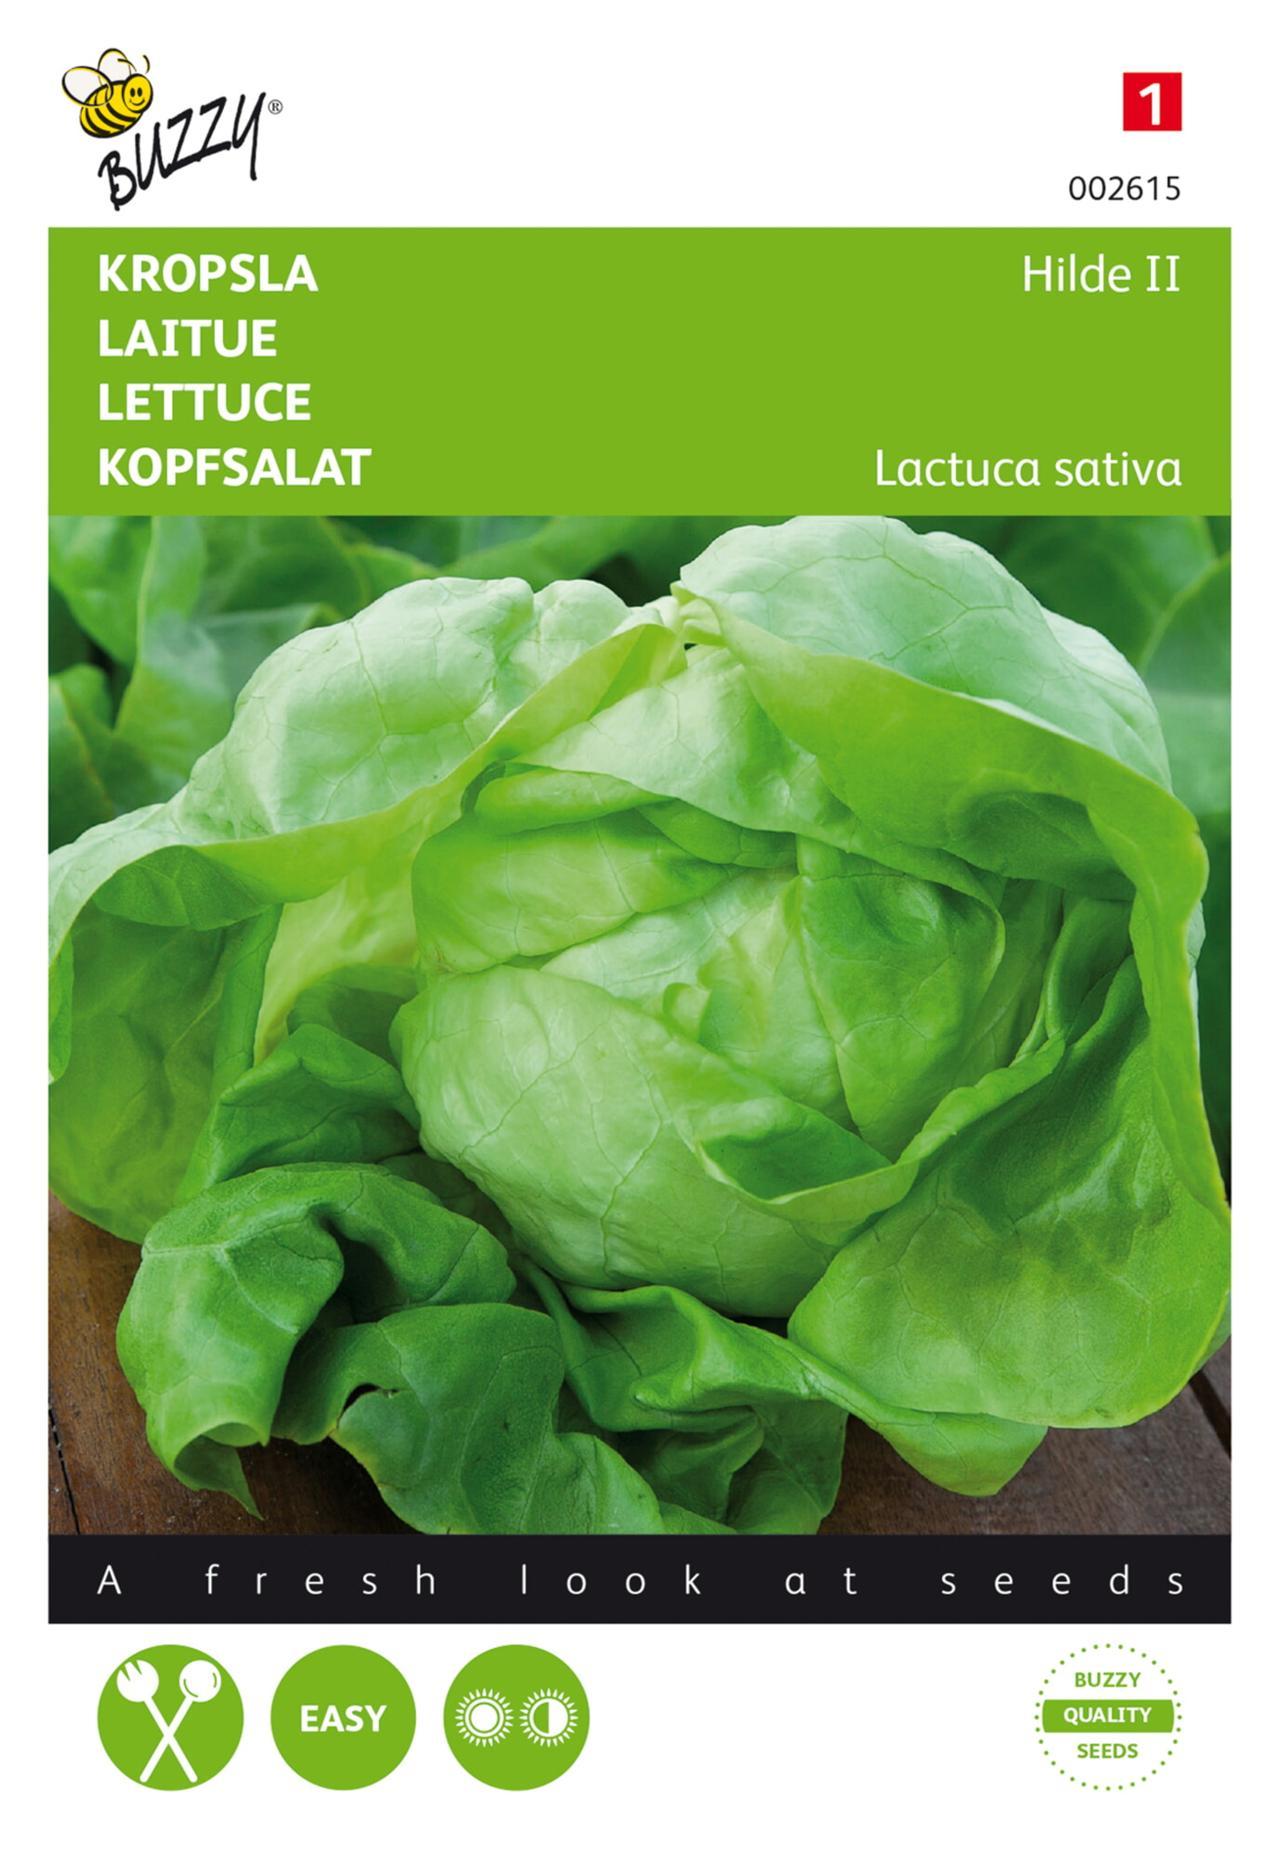 Lactuca sativa 'Hilde II' plant